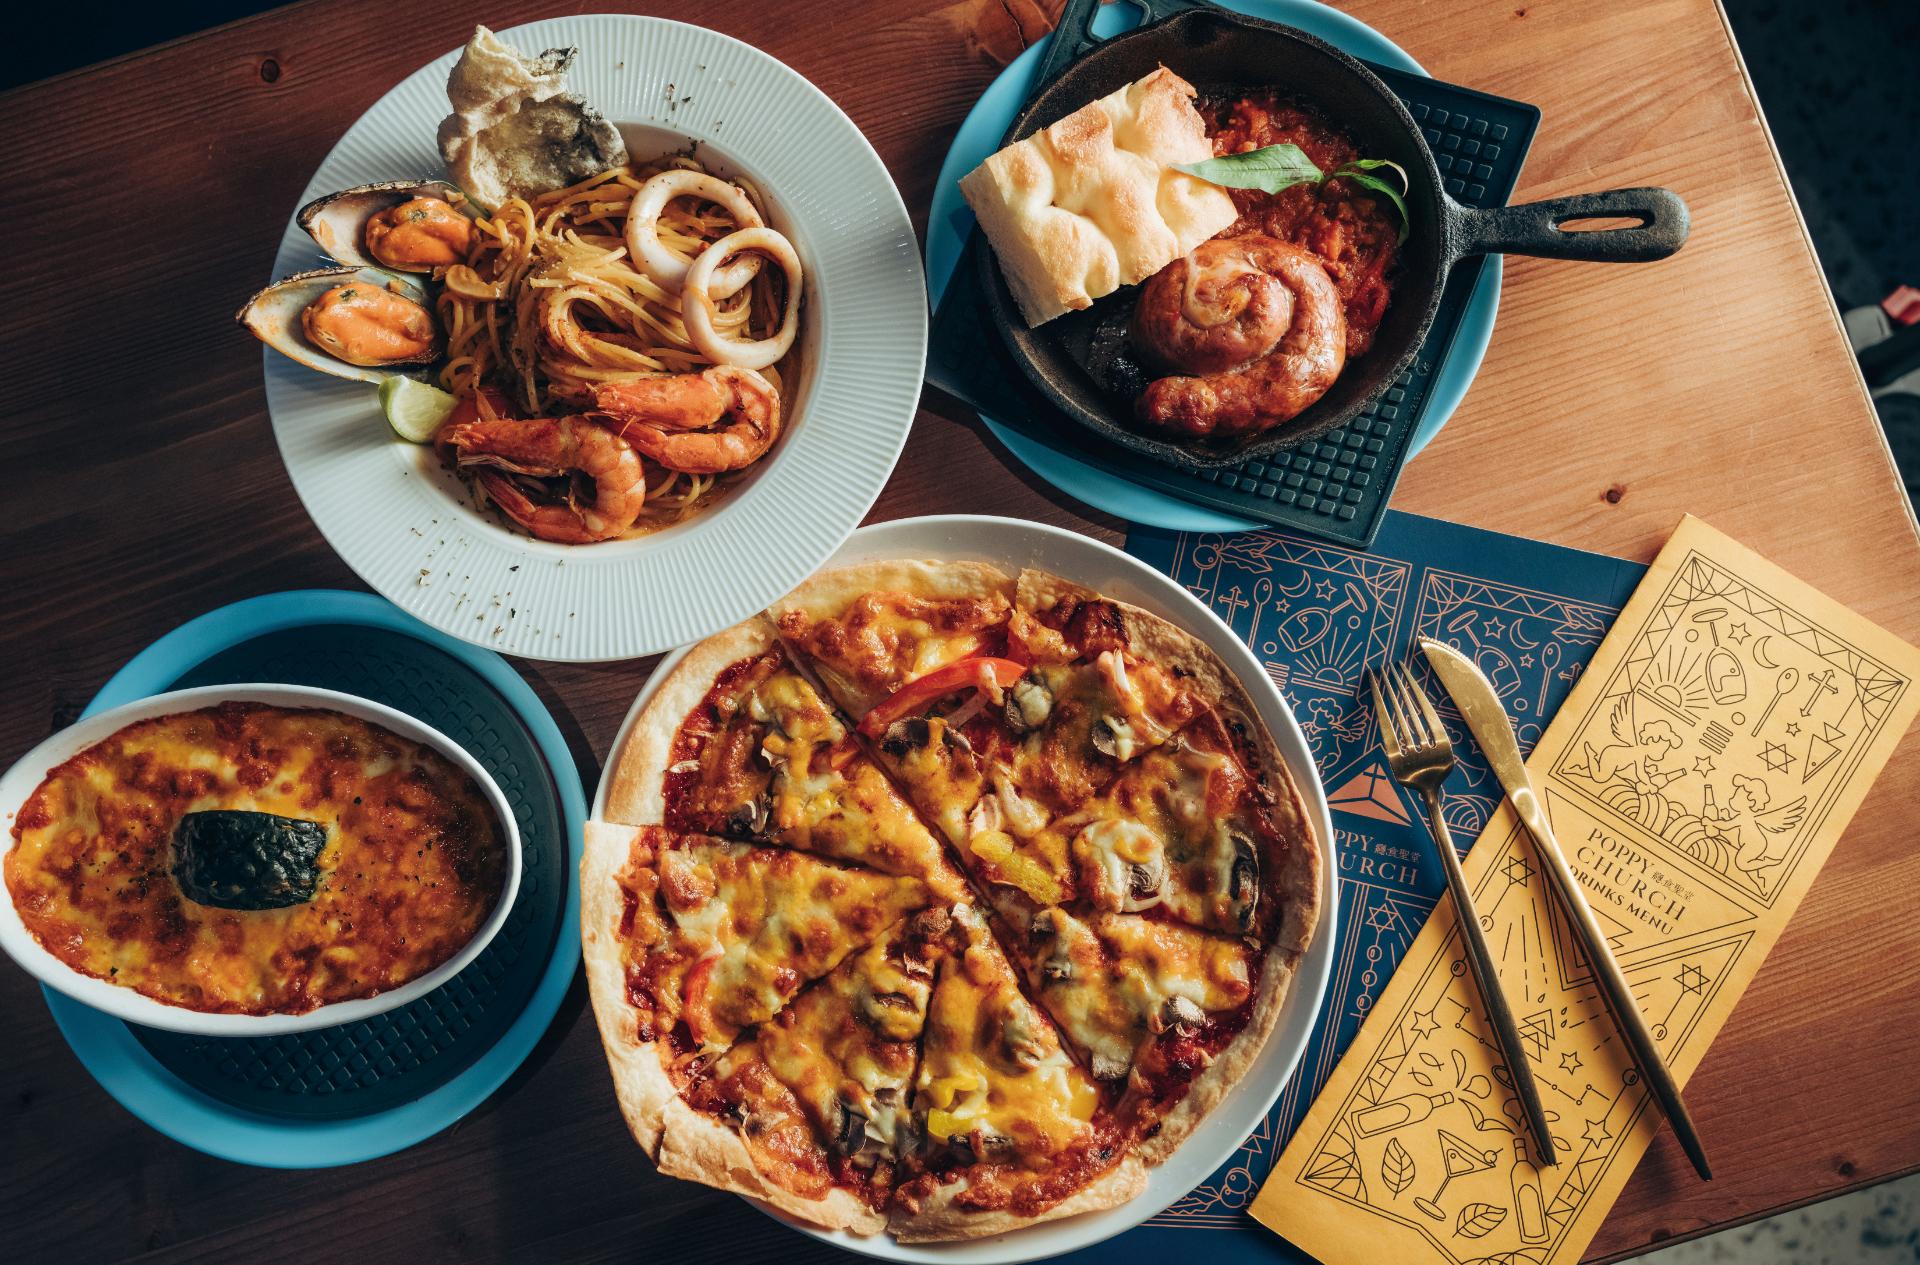 復古與新潮 傳統小吃料理革命